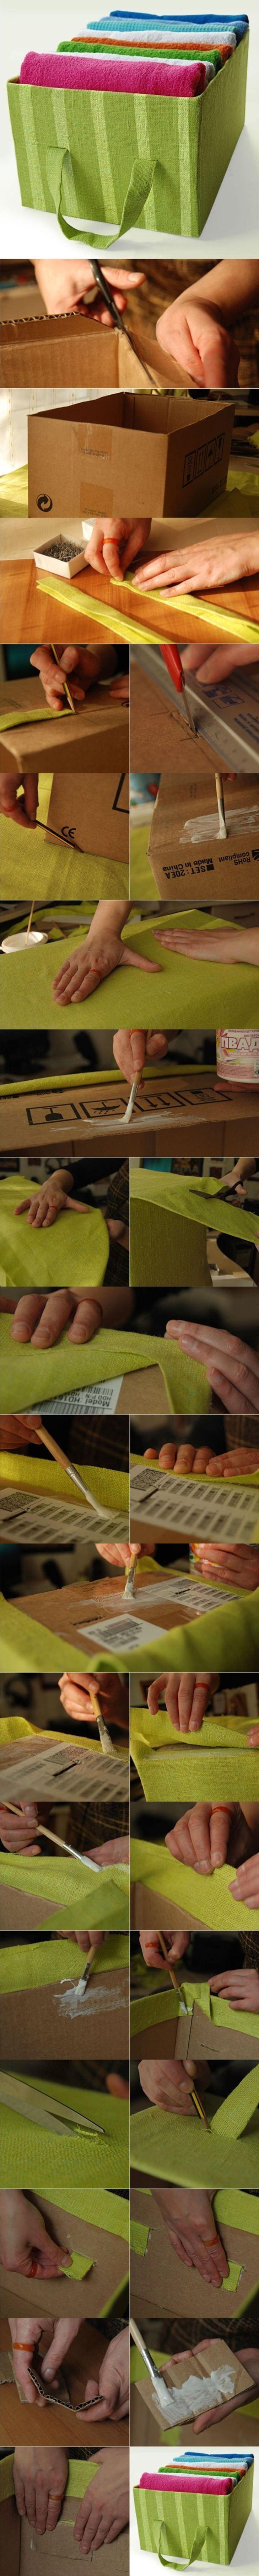 DIY Storage Box diy crafts easy crafts diy ideas easy diy how to organization organizing tutorials organization tips closet organizing